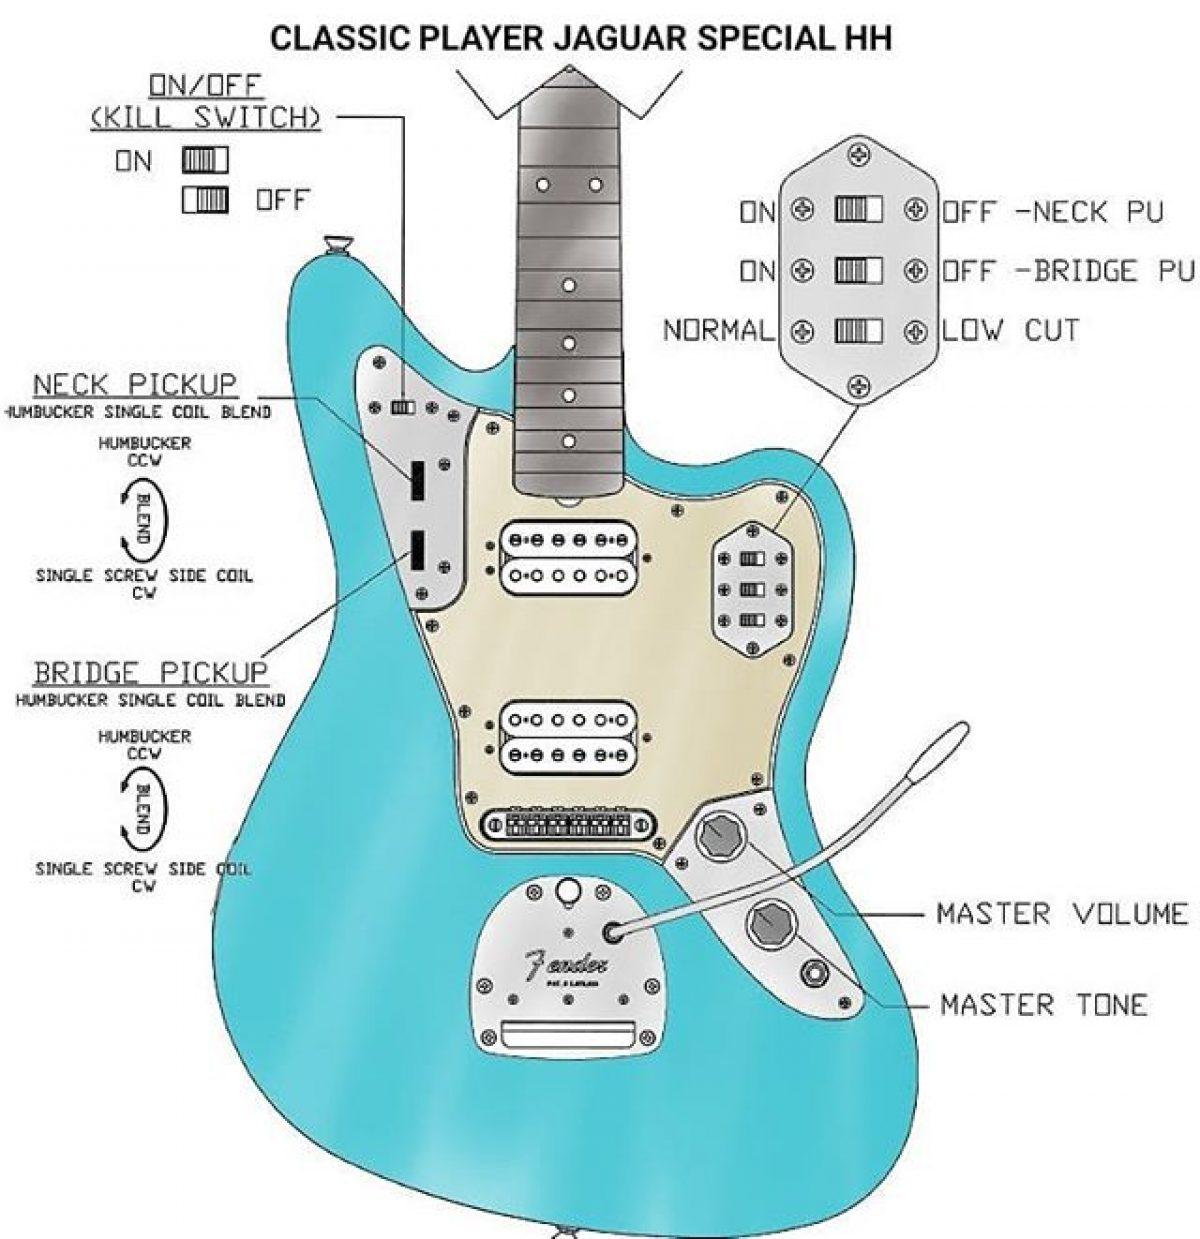 [DIAGRAM_38IU]  Fender Pickups Control Diagrams | AxeDr.com | Fender Jaguar Special Hh Wiring Diagram |  | AxeDr.com